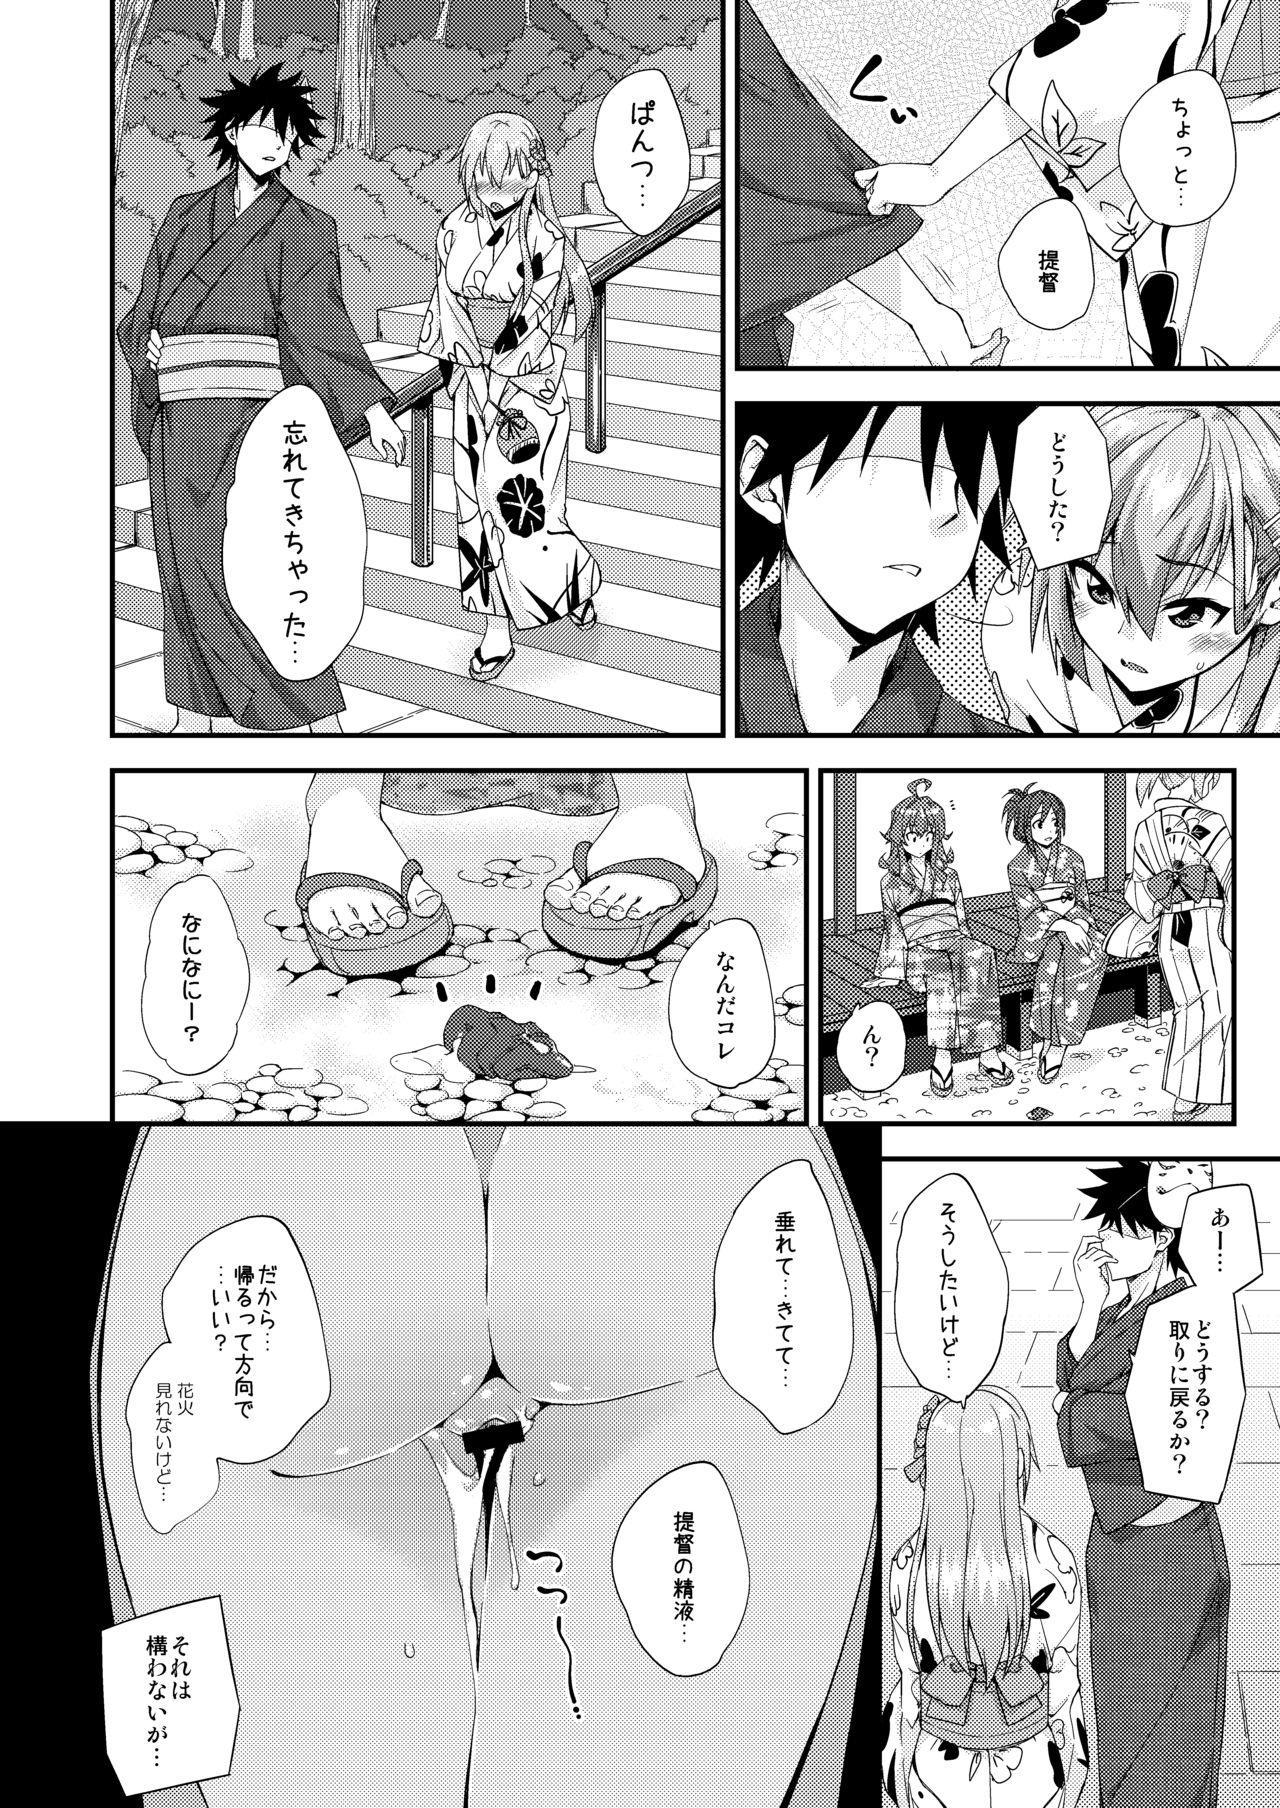 Suzuya to Dousuru? Nani Shichau? 13 10